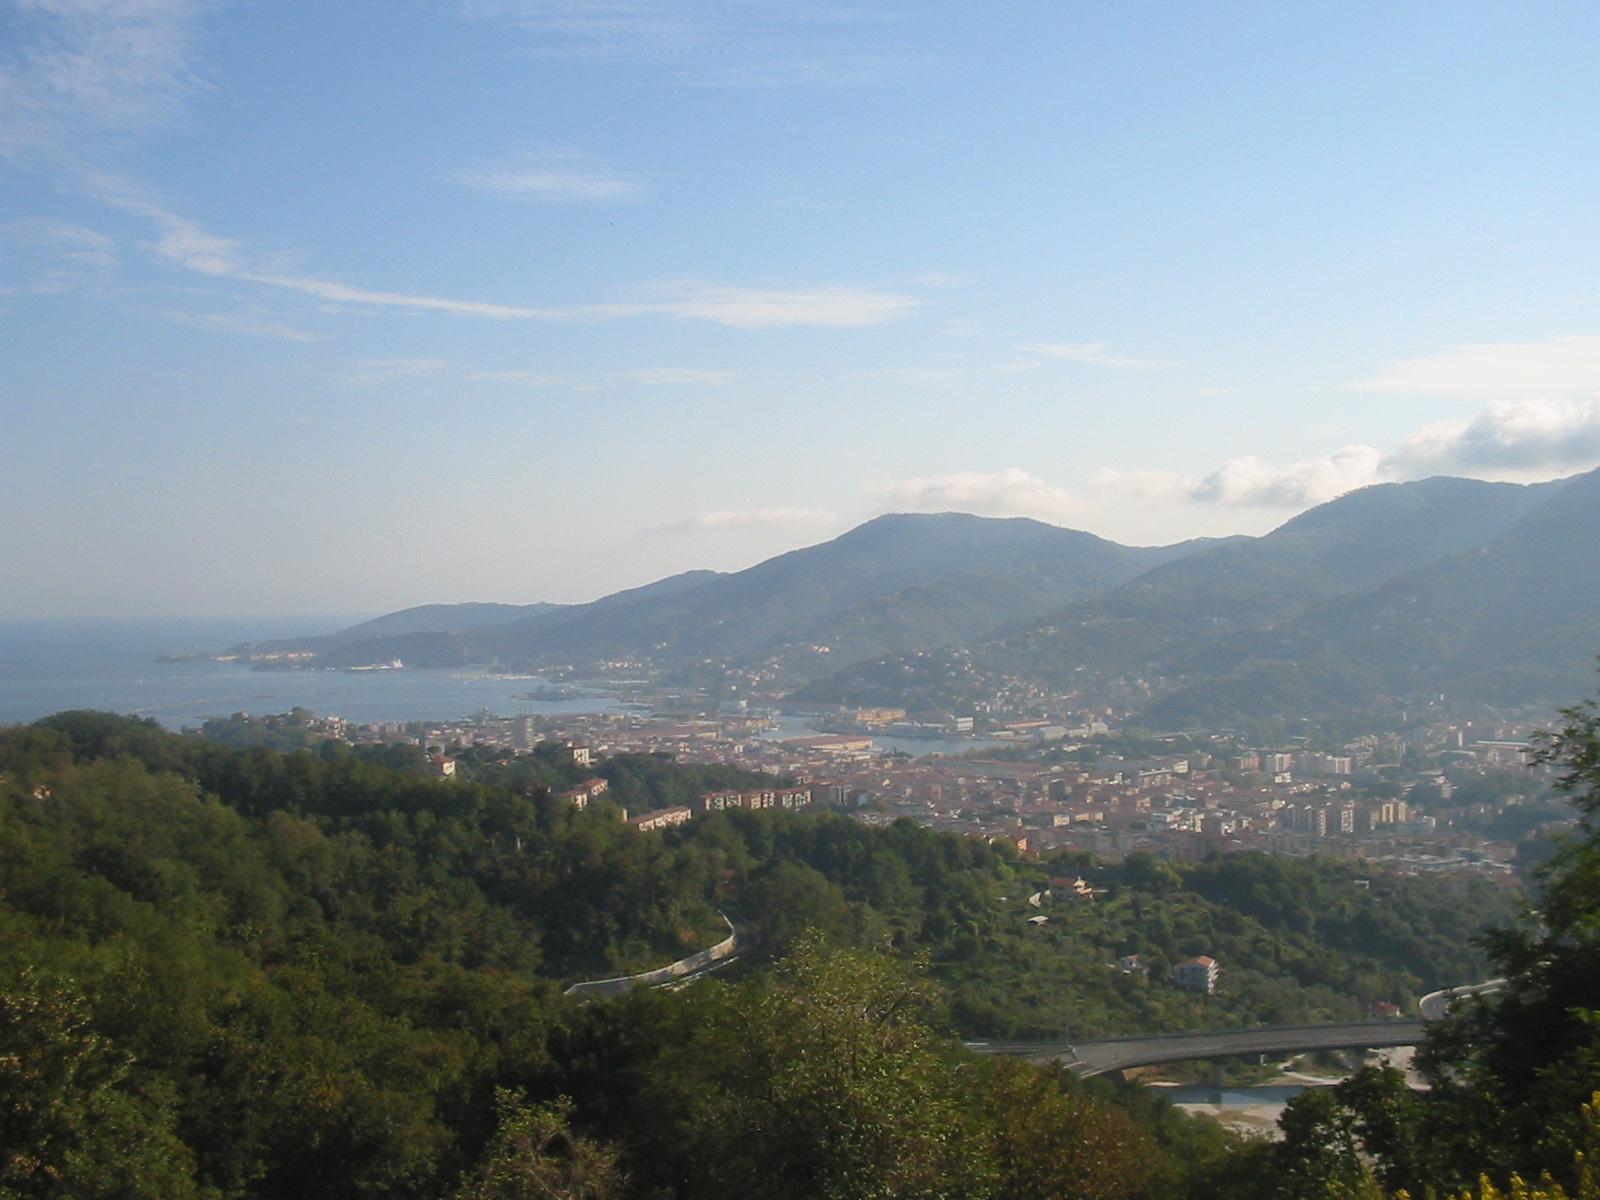 File:La Spezia - Vista da Sarbia.jpg - Wikipedia